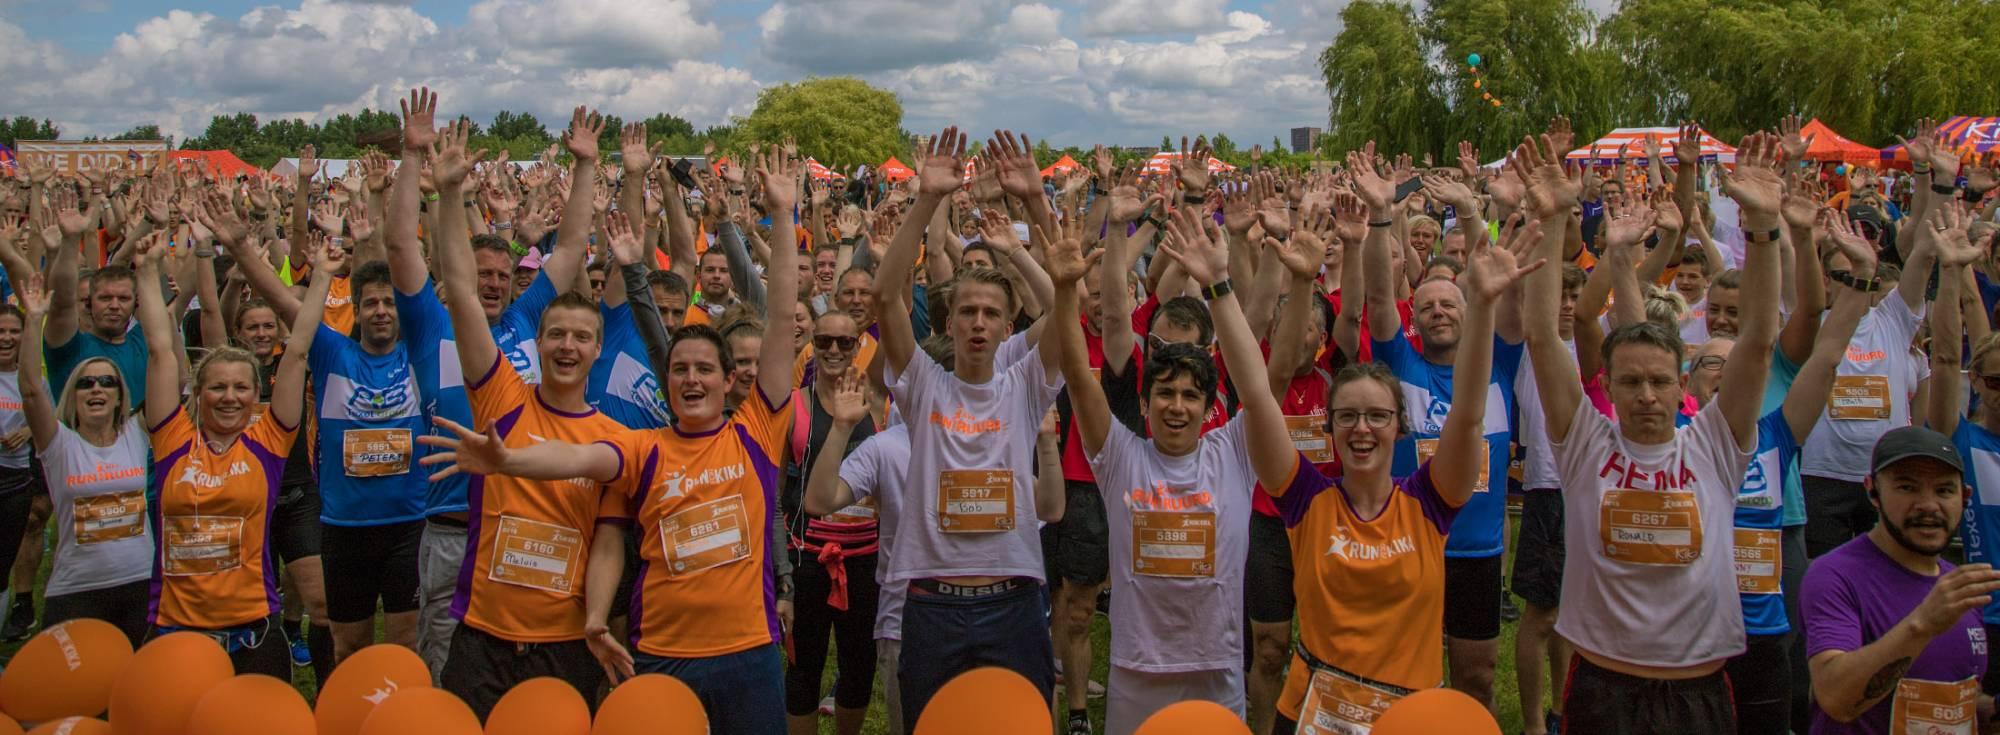 De deelnemers van de 10 en 5 kilometer run staan klaar voor de start van Run for KiKa